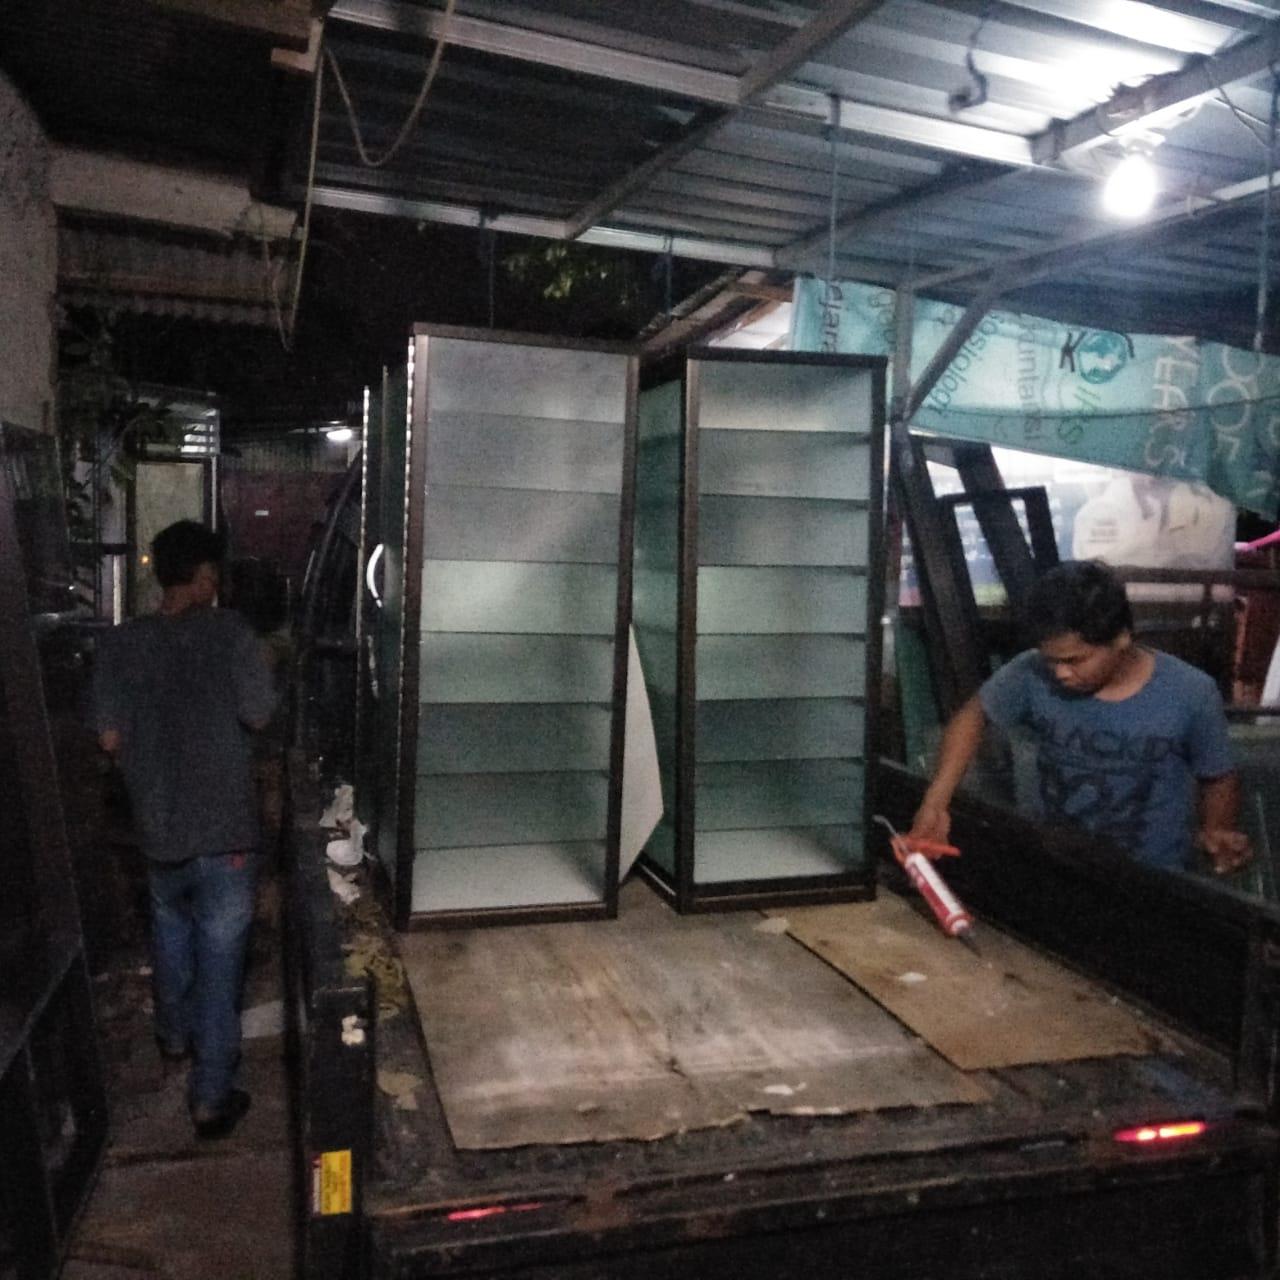 toko-tukang-aluminium-kaca-bikin-gerobak-murah-jogja-yogyakarta-solo-magelang (7)